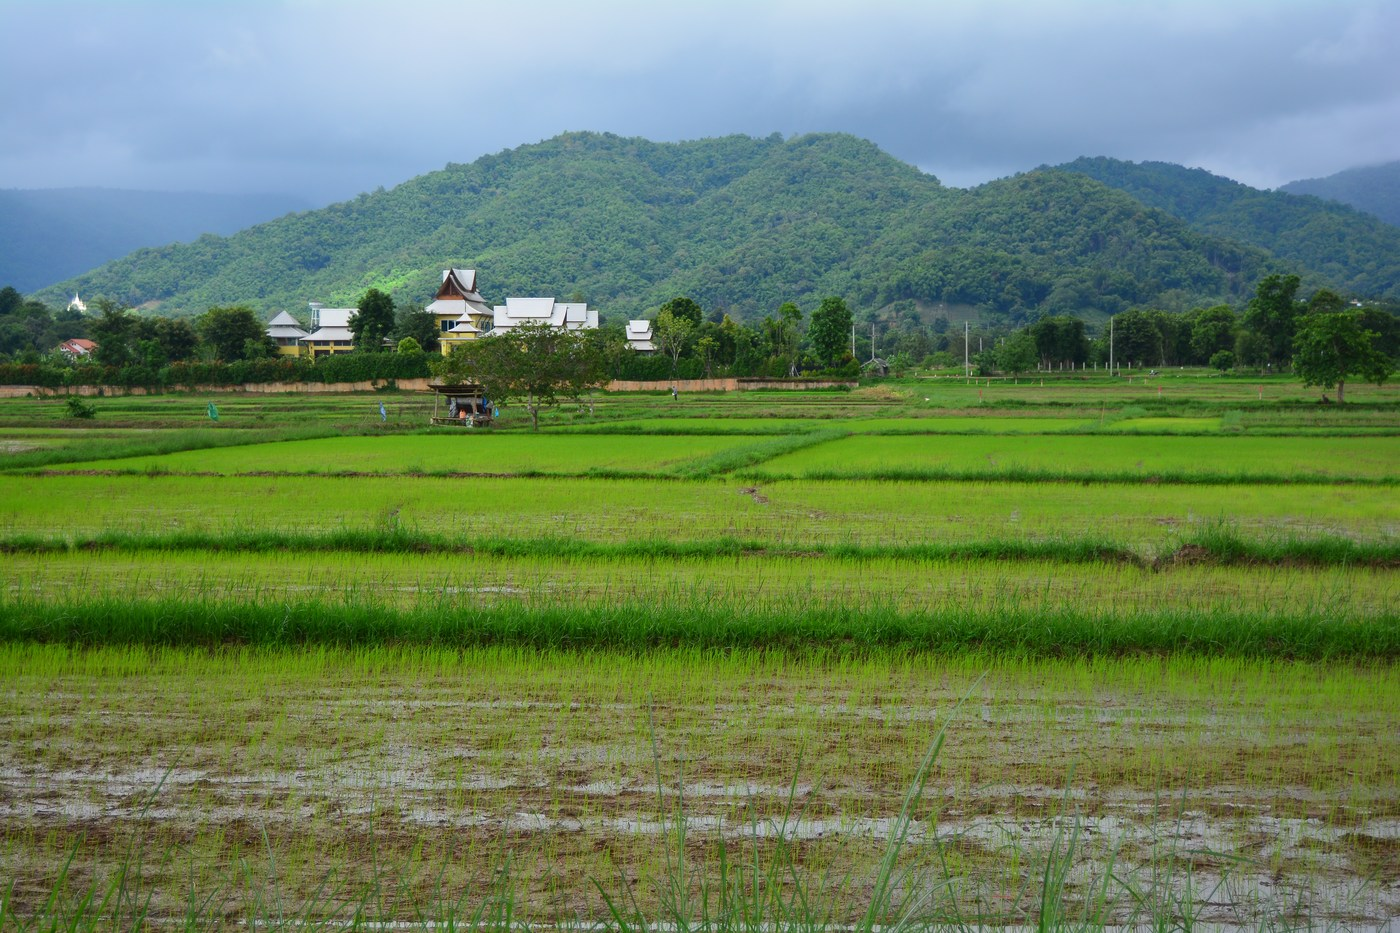 Des rizières à l'entrée du site, juste en bordure du lac.